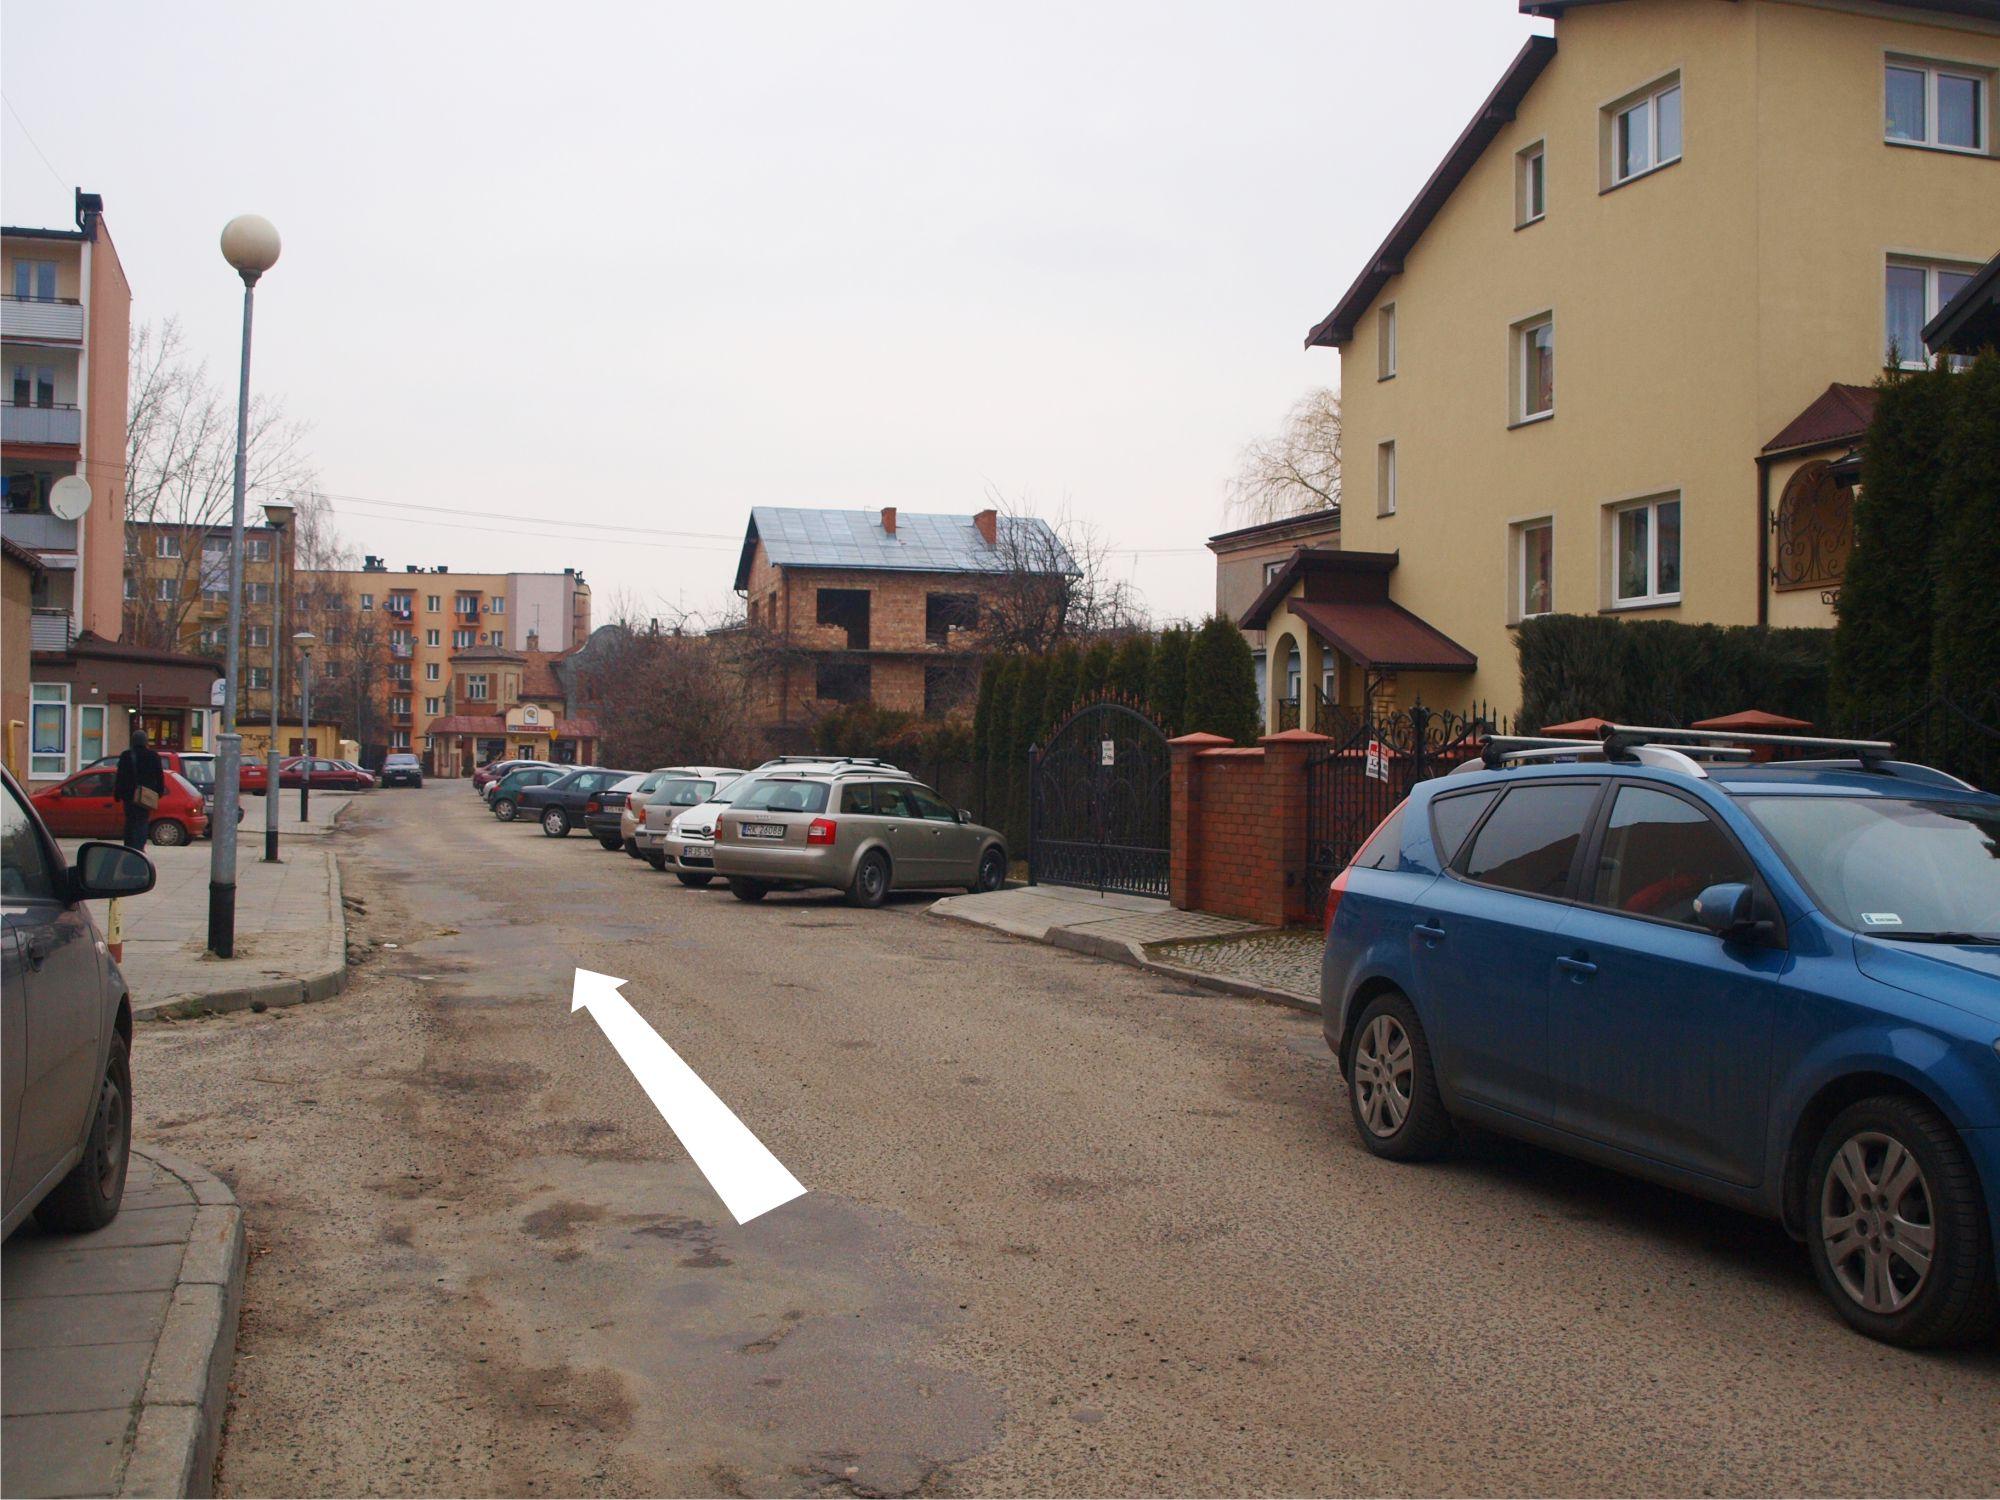 Ulica Przybyszowskiego jednokierunkowa